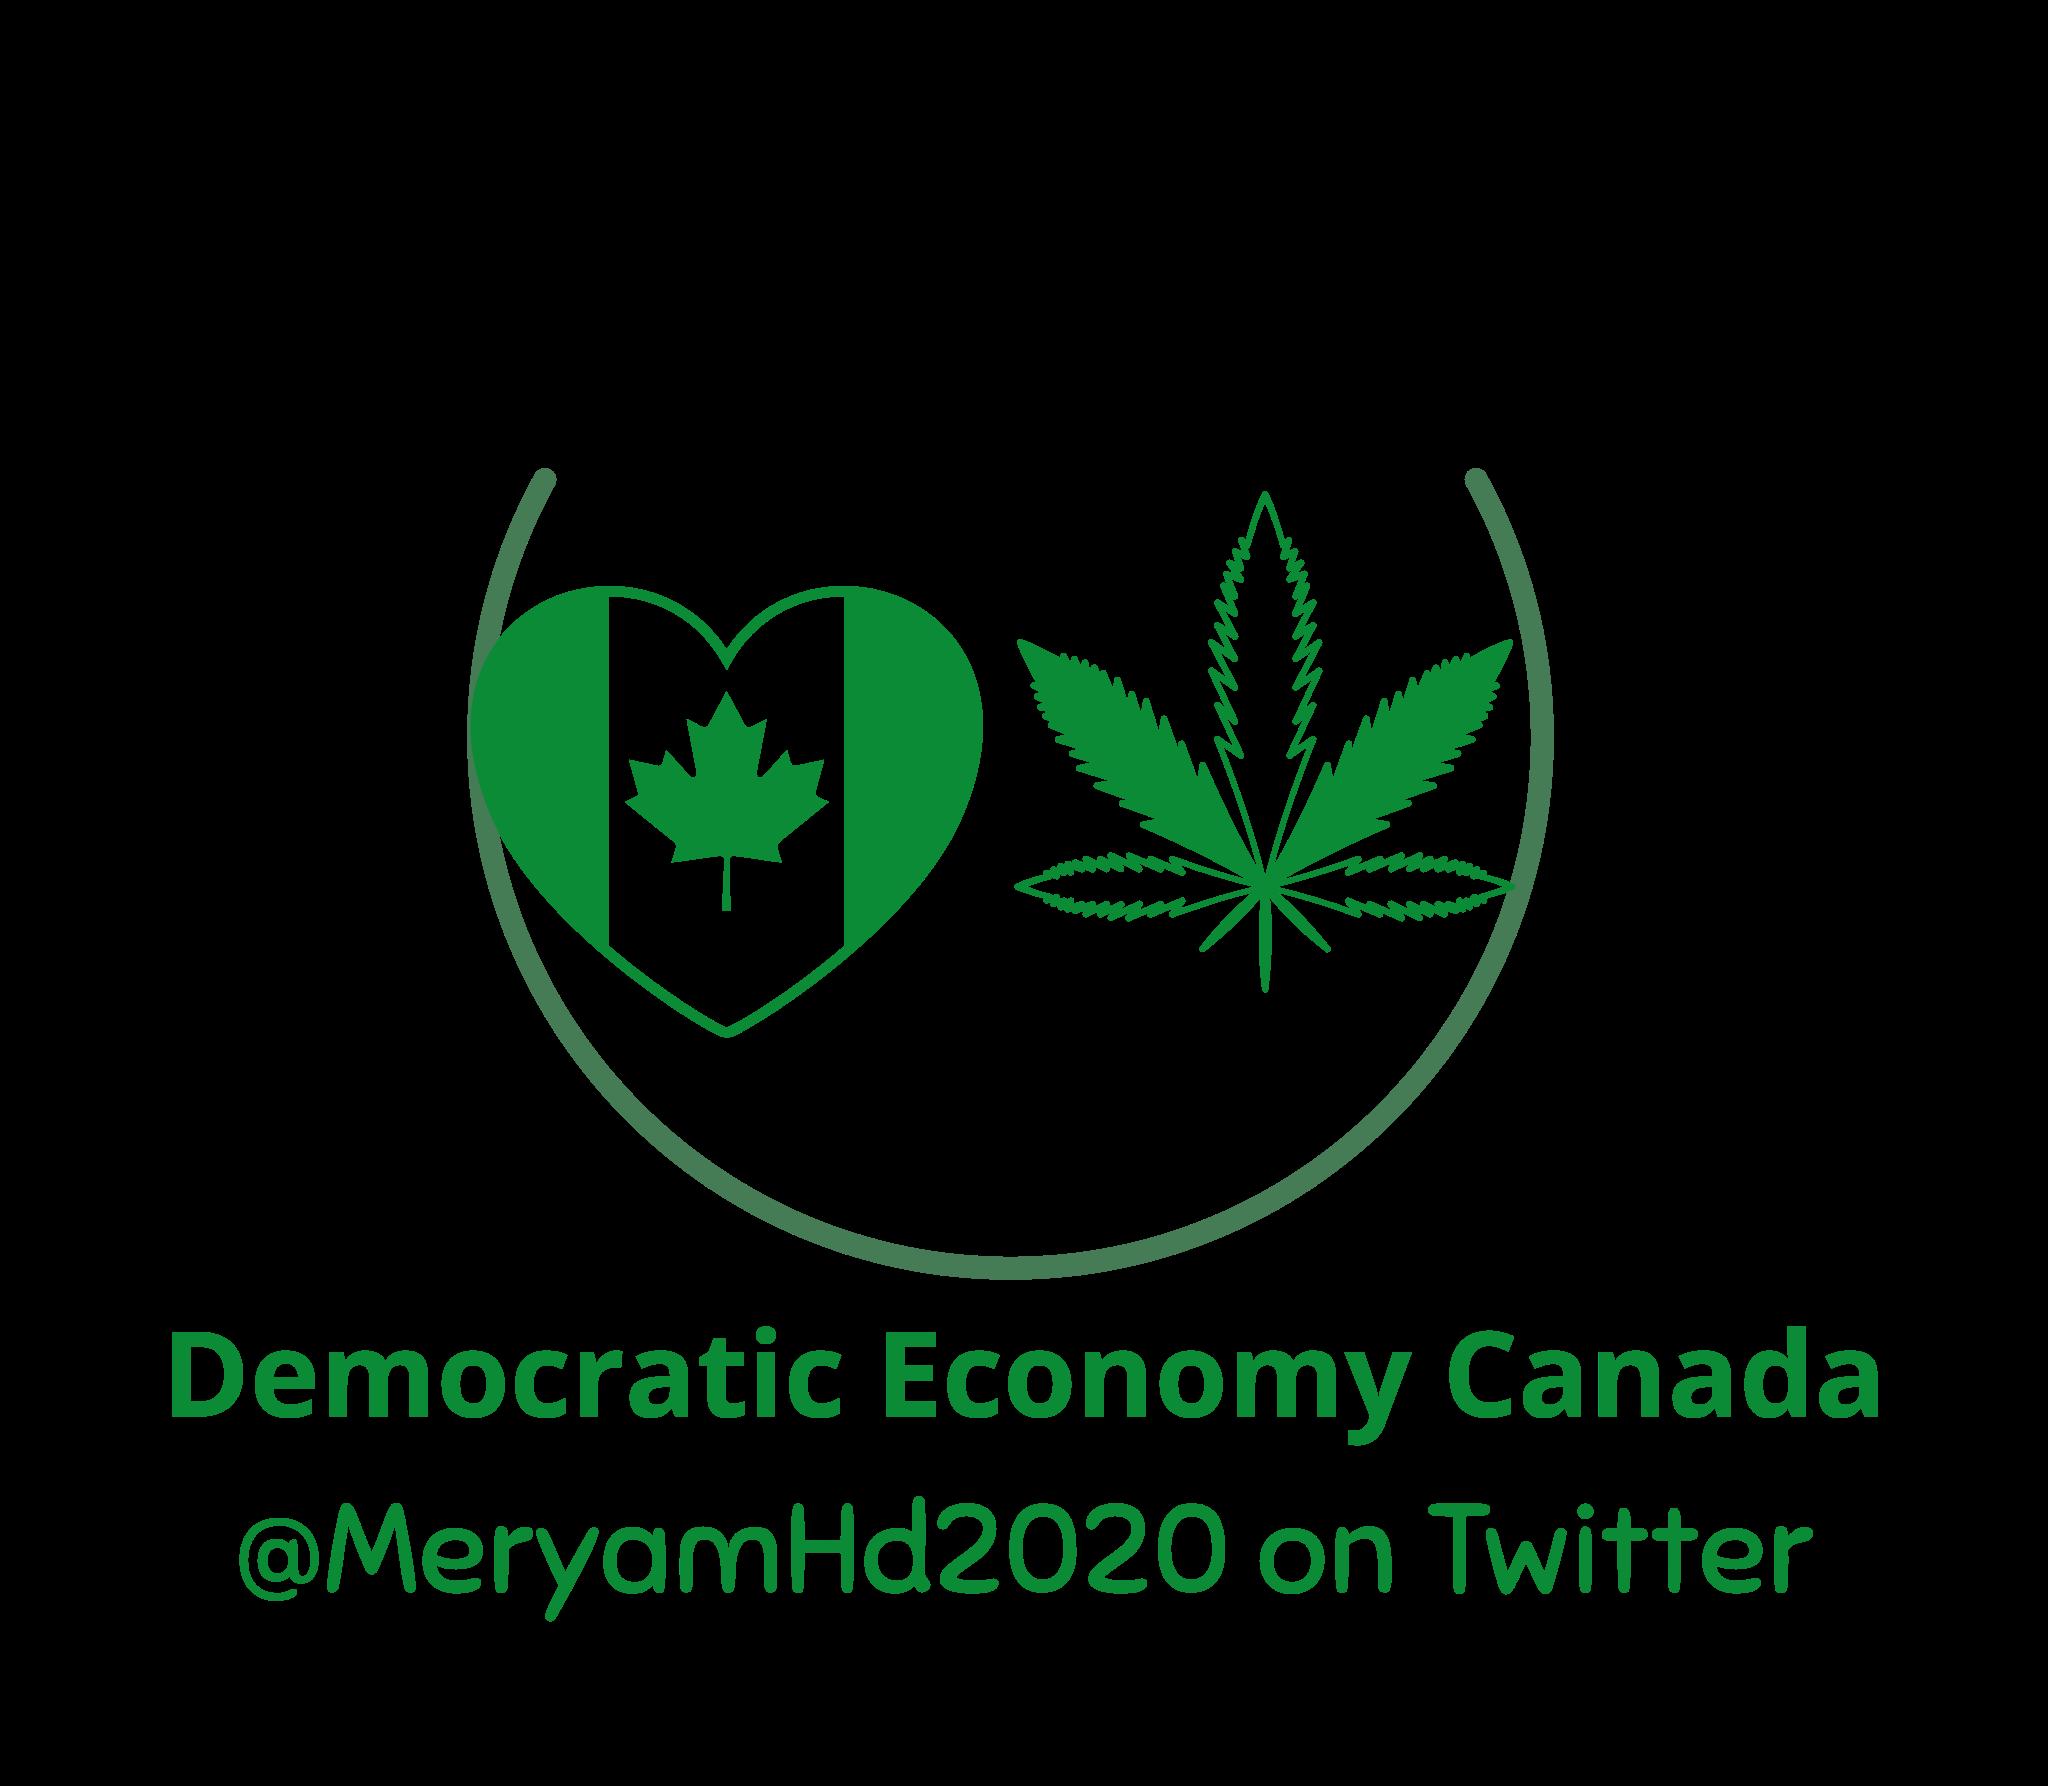 Democratic Economy Canada